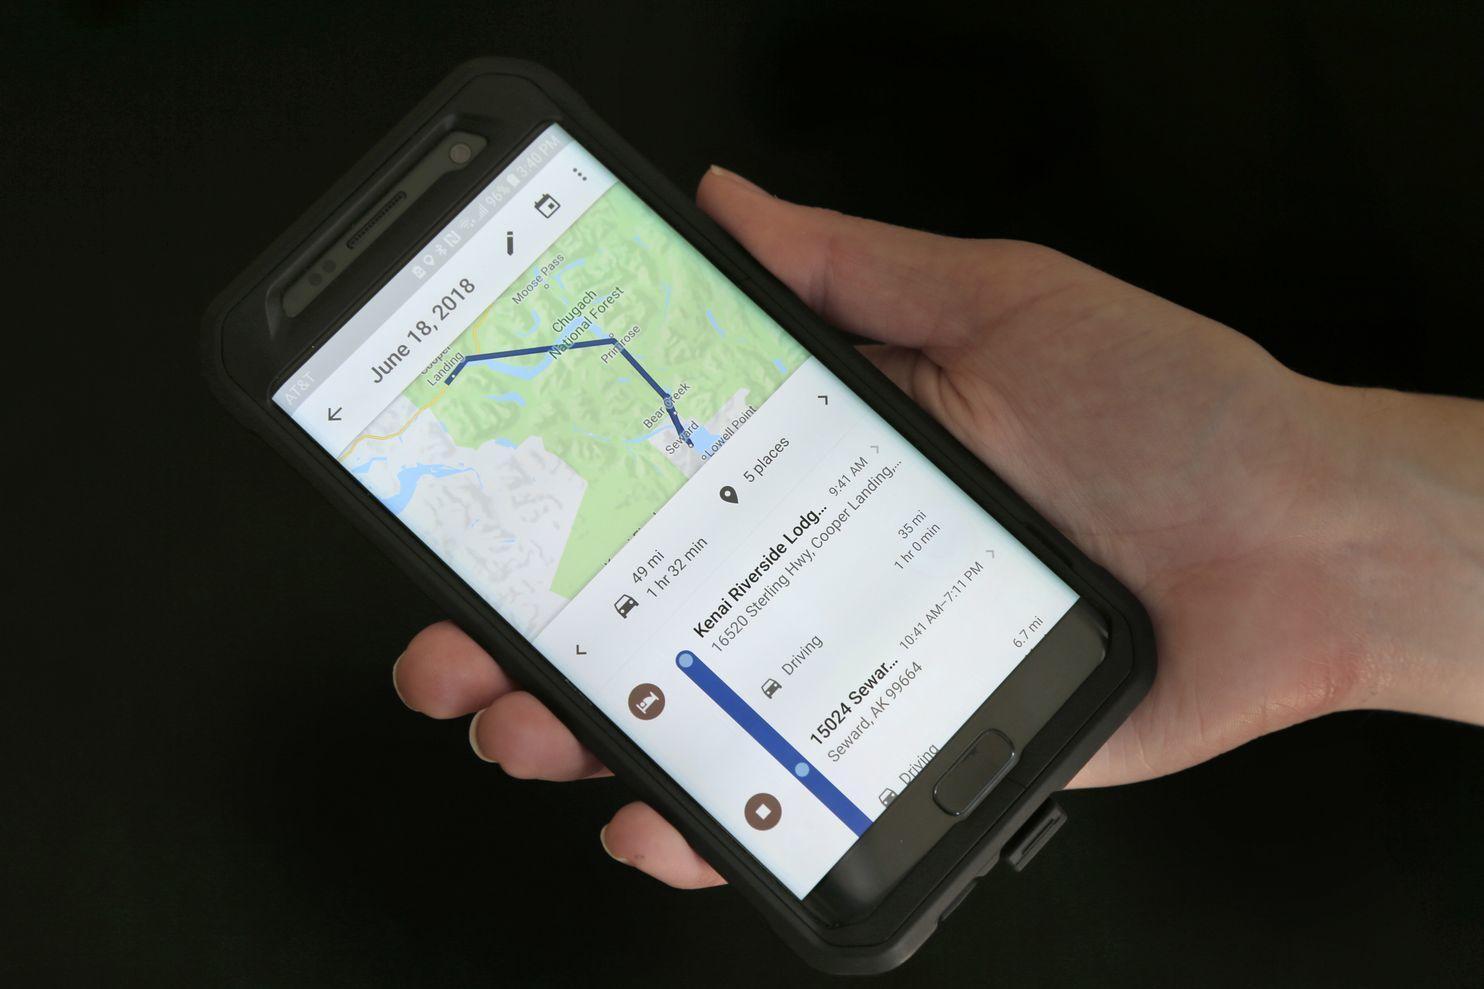 谷歌追踪用户位置隐私遭到调查 或面临巨额罚款